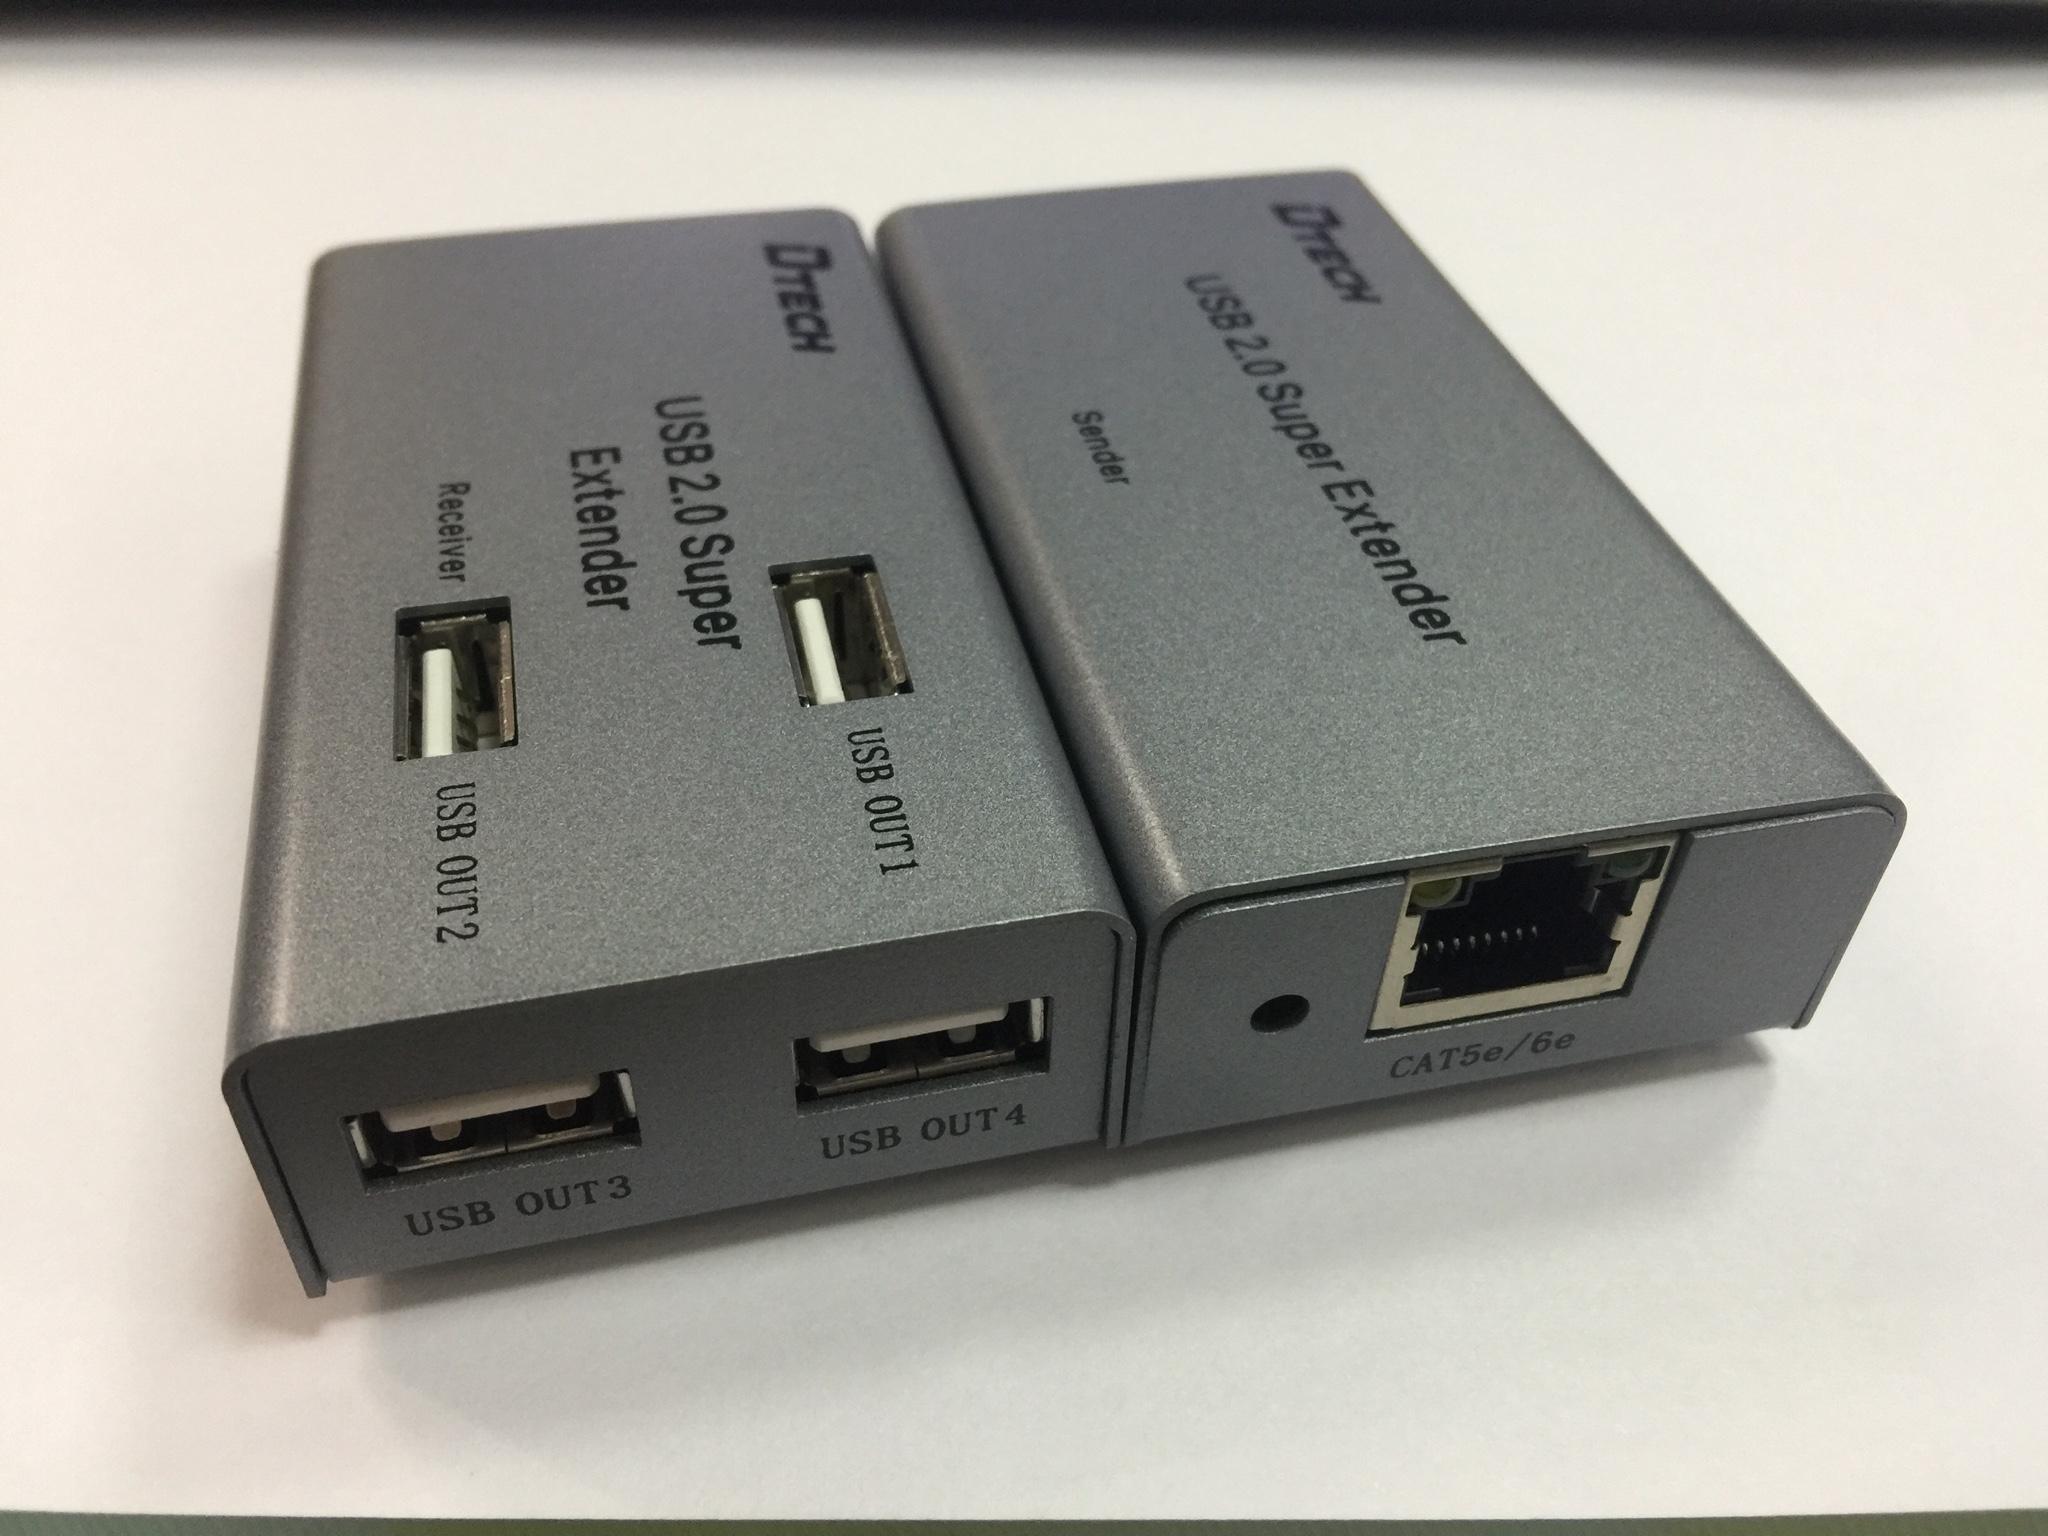 Bộ mở rộng USB 2.0 (1 ra 4) 50m qua cáp mạng DTECH DT-7014A